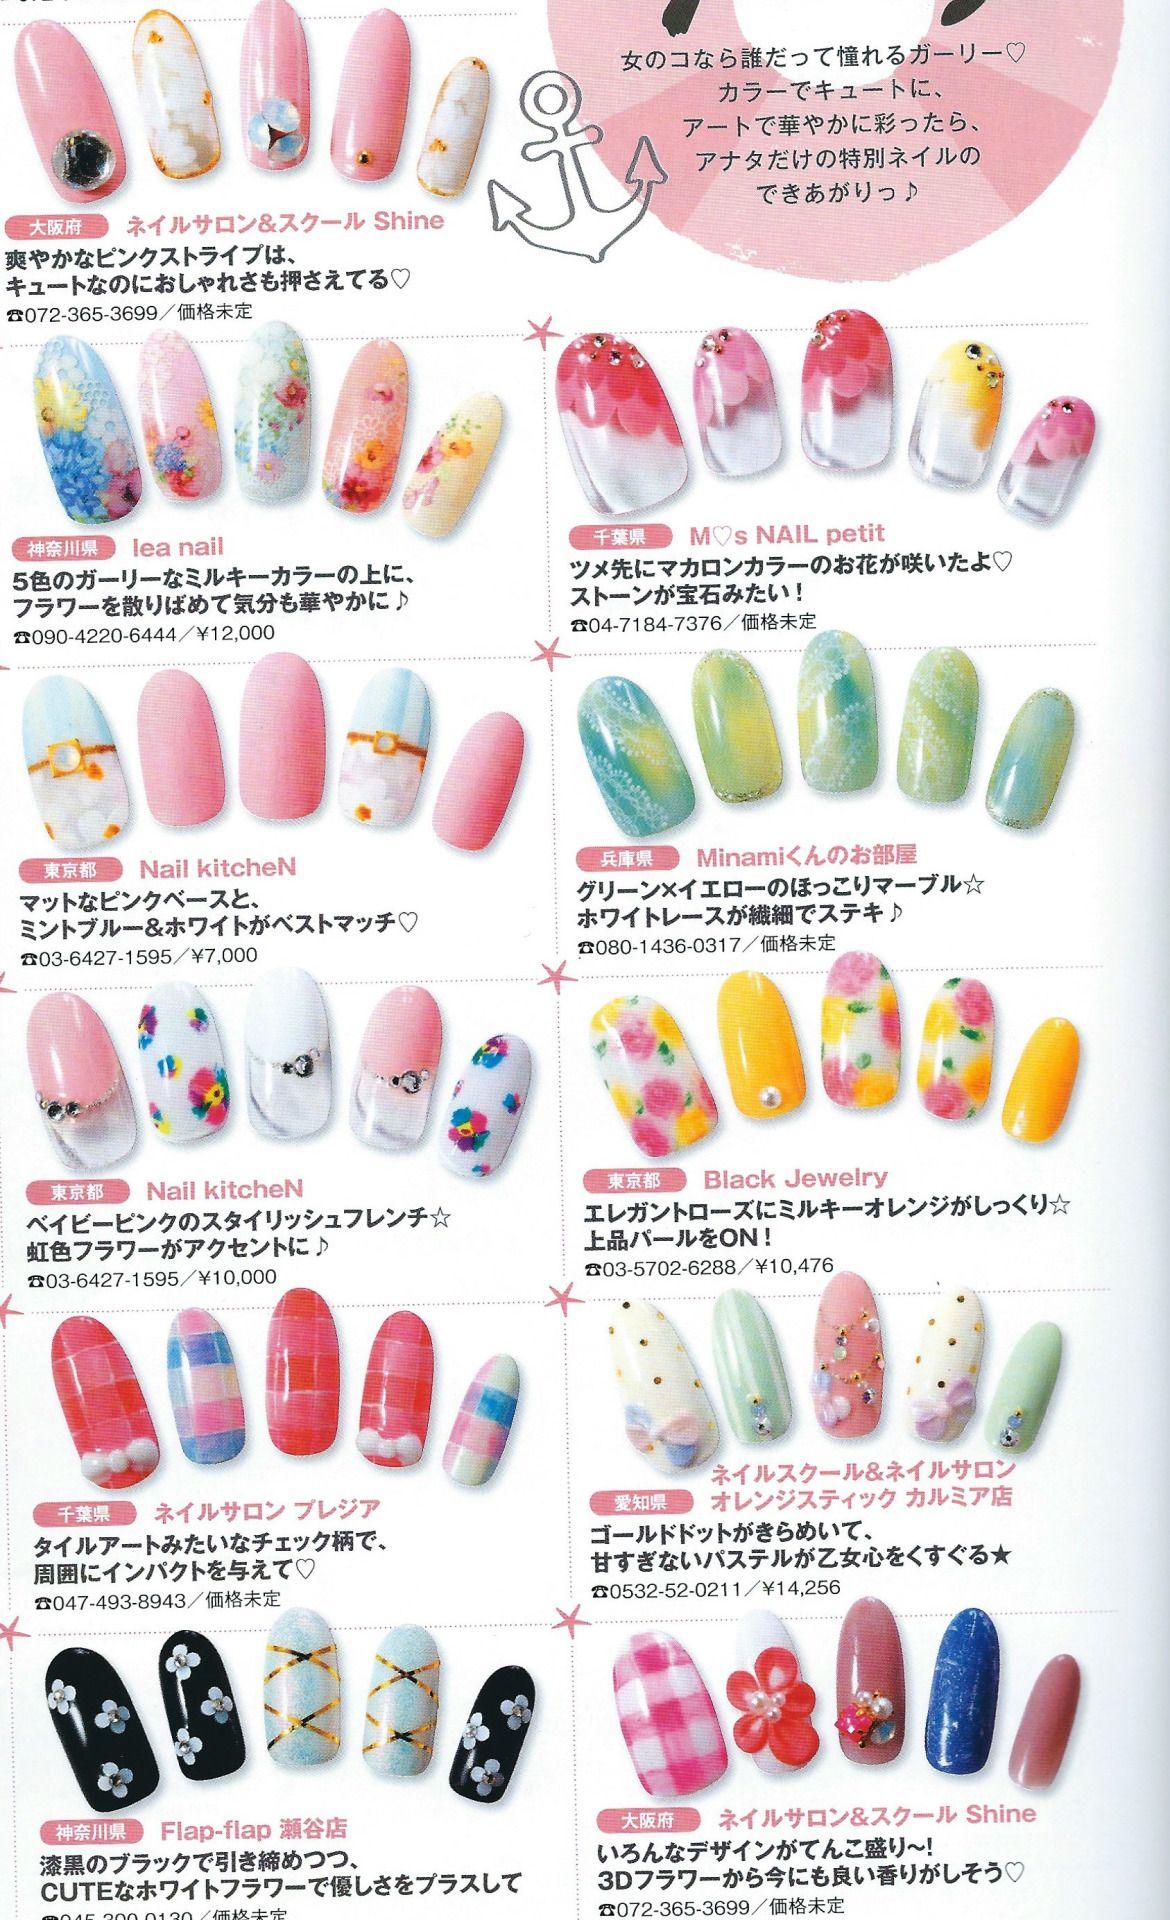 japanese nail art   Tumblr   Japanese Nail Art Magazine Scans ...